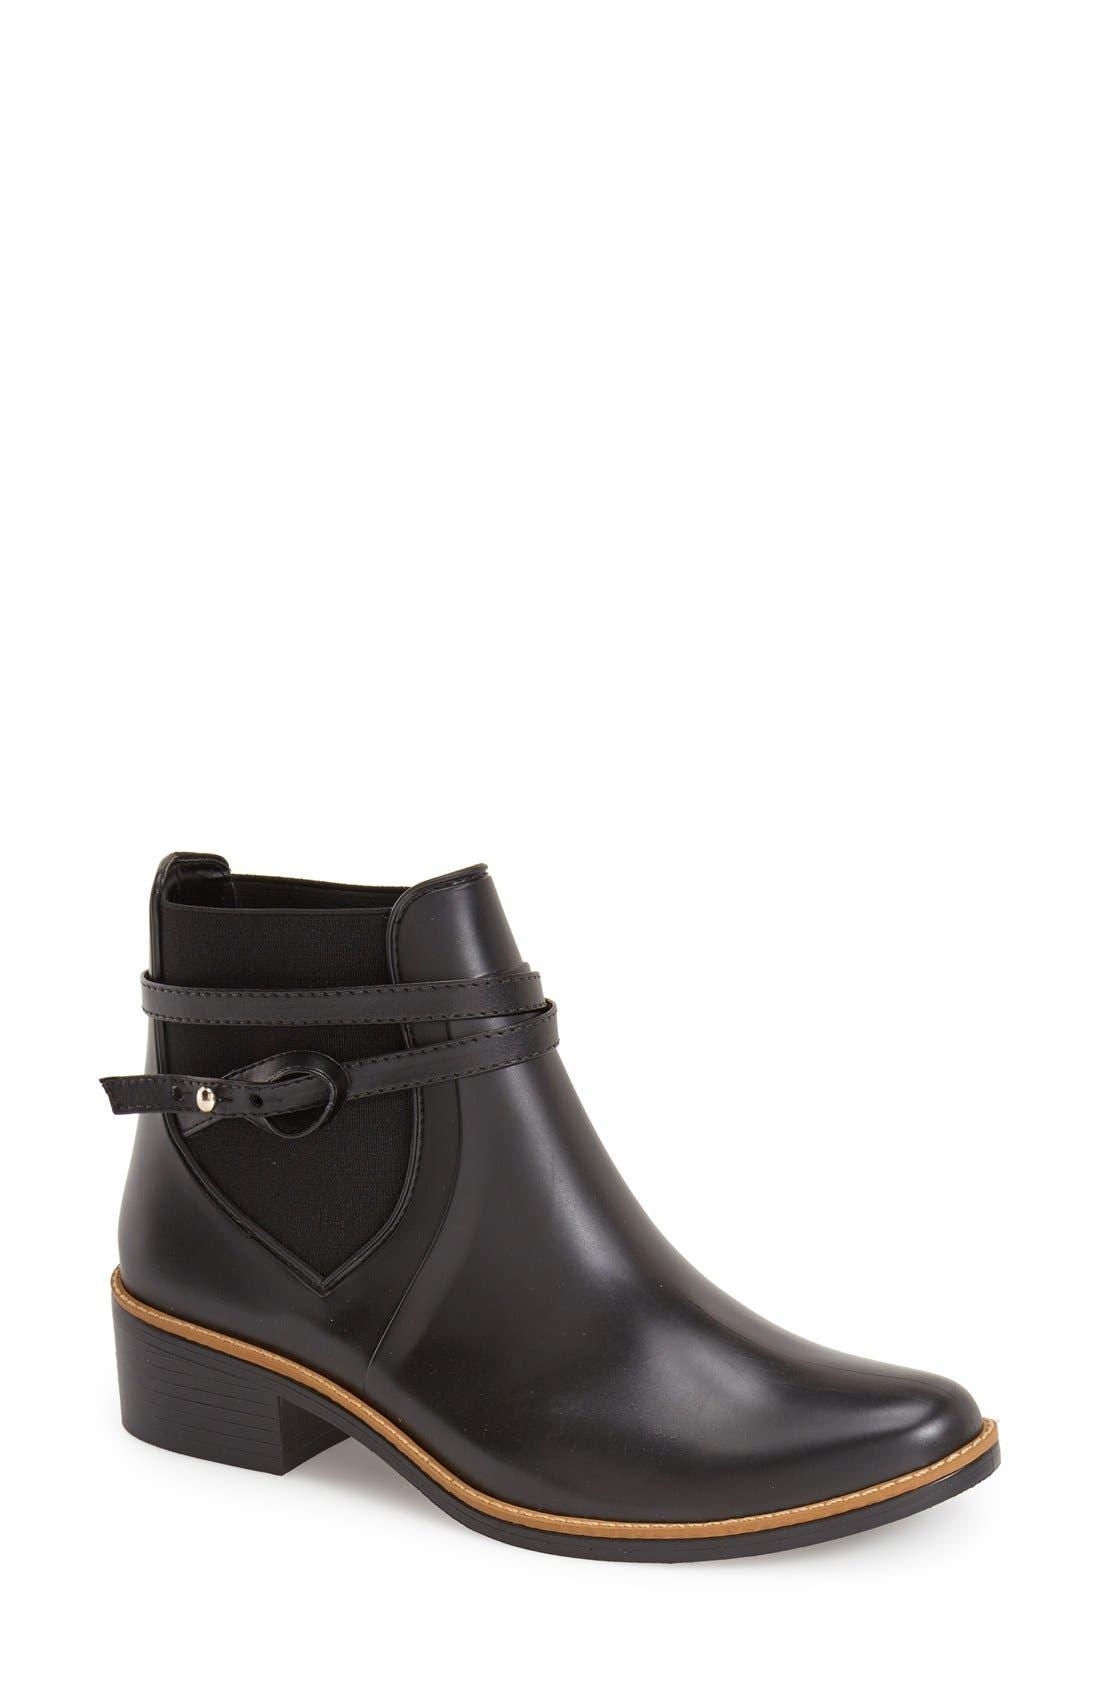 Bernardo Peony Short Waterproof Rain Boot,                             Main thumbnail 1, color,                             Black